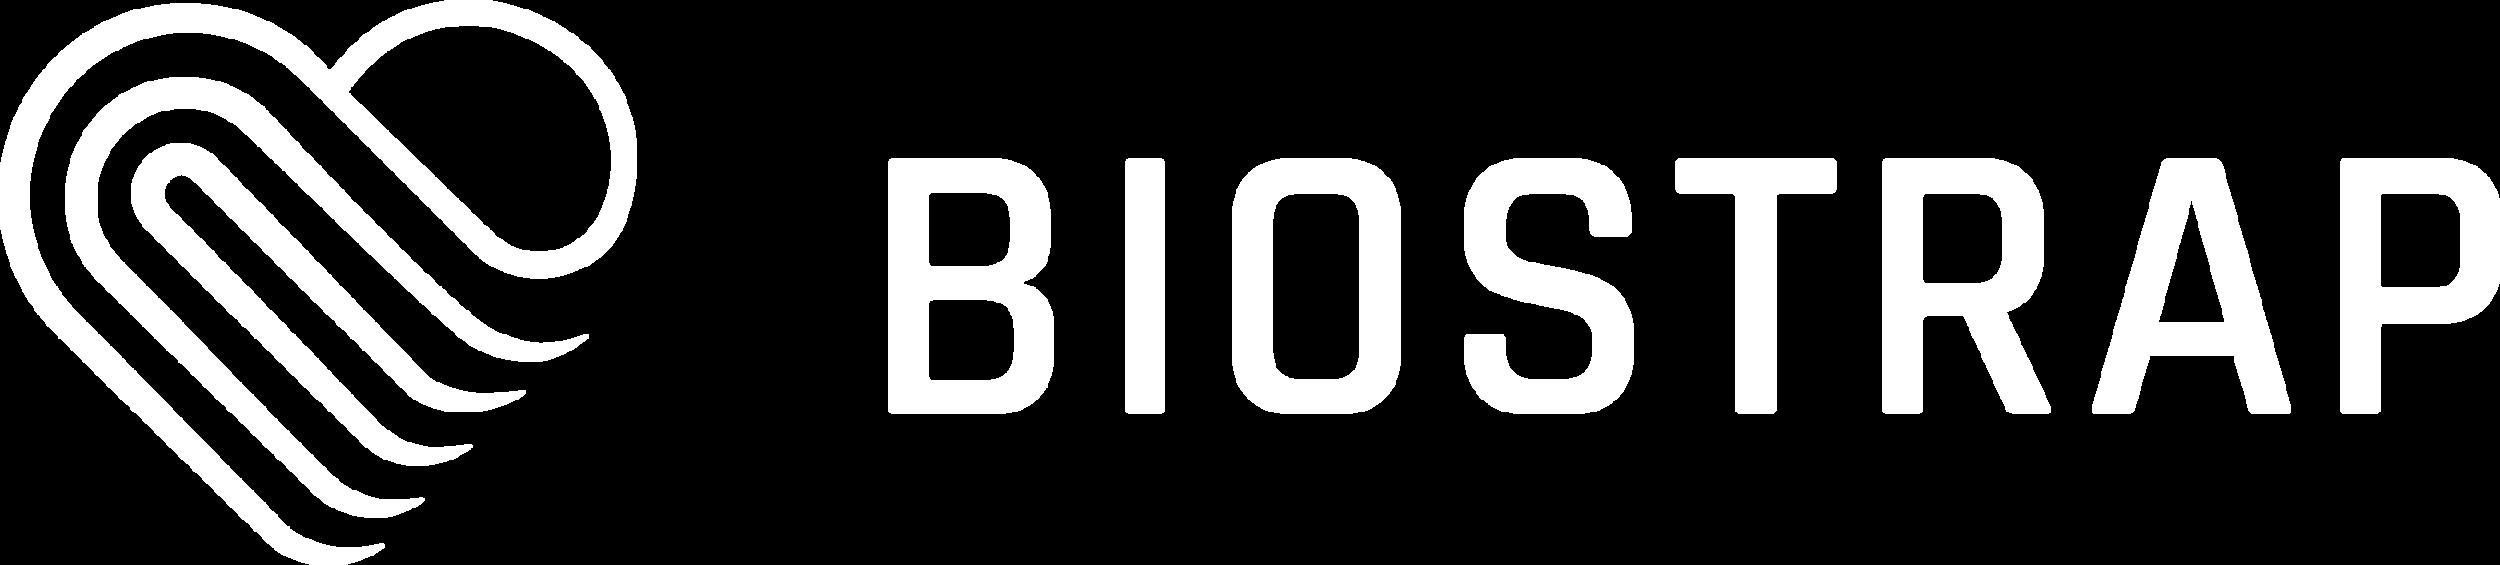 biostrap-livebeyond.png